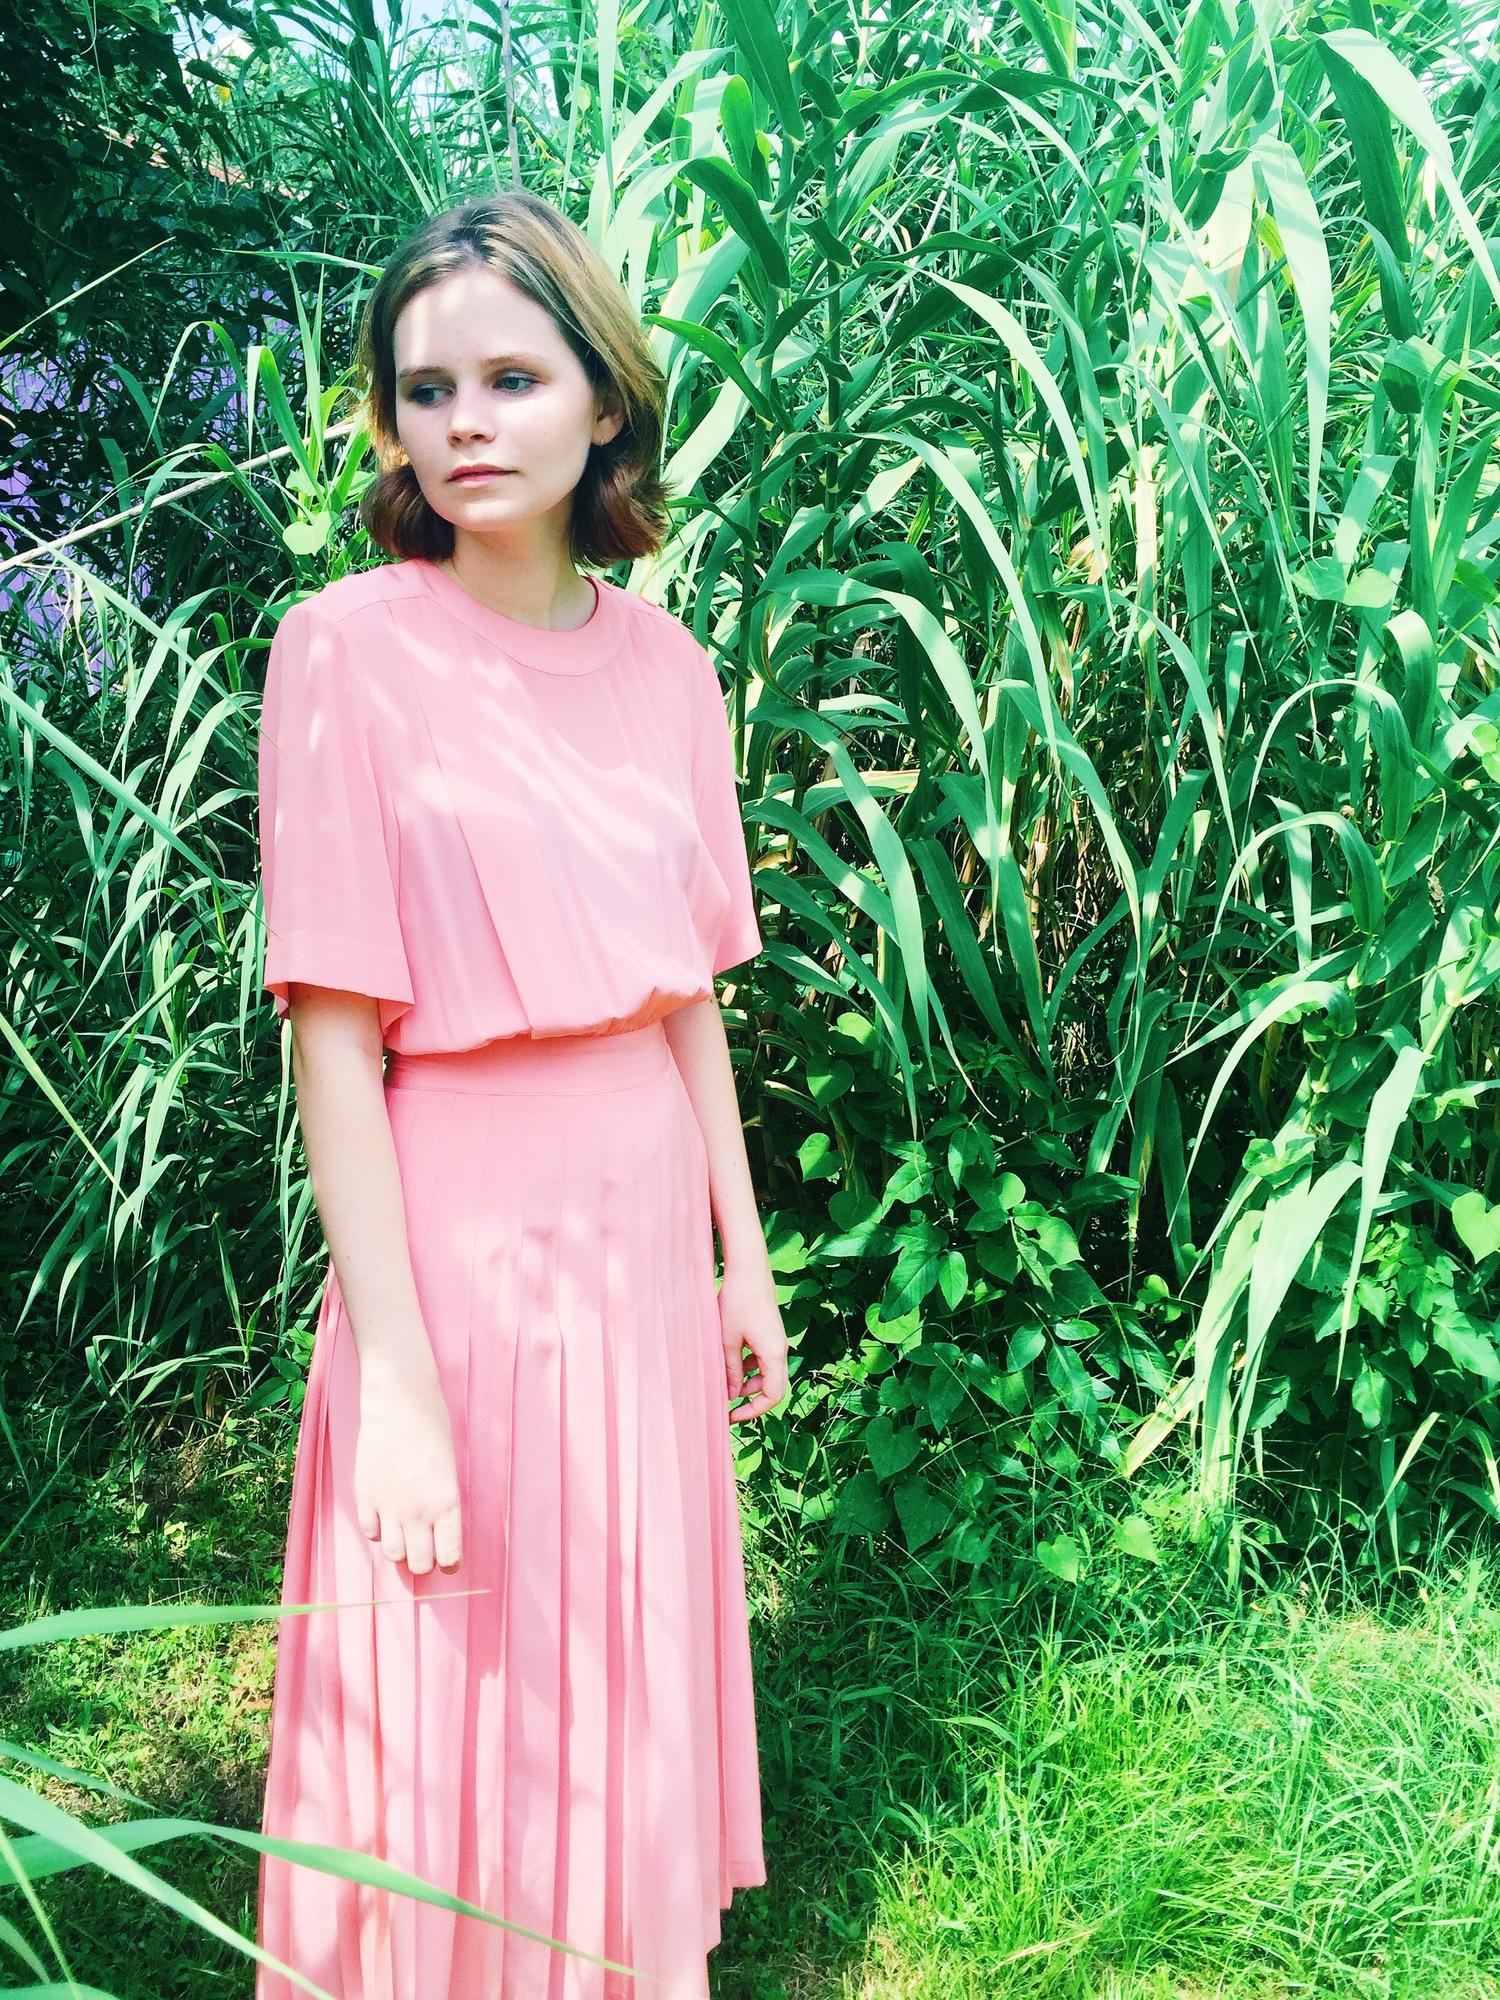 wonaponatime-vintage-dress-pink-maxi-pleated